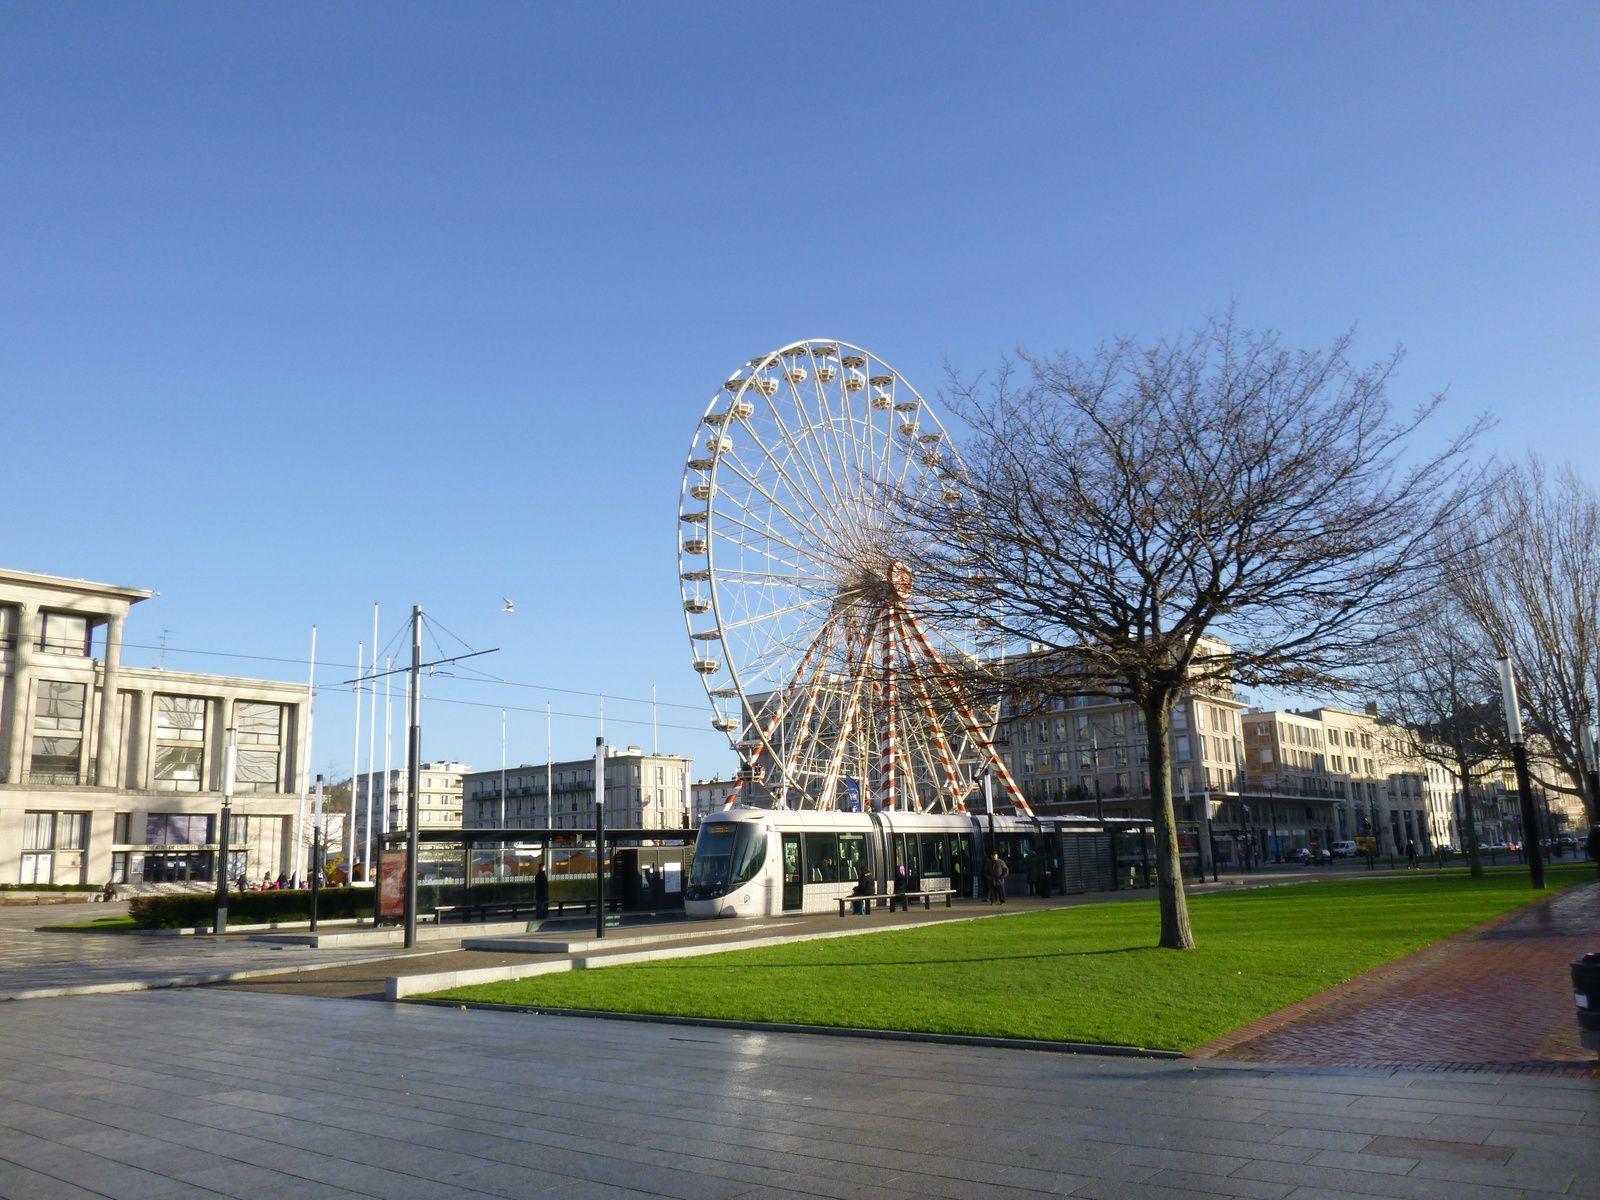 Le Havre, l'exposition de Noël et la place de l'hôtel de ville